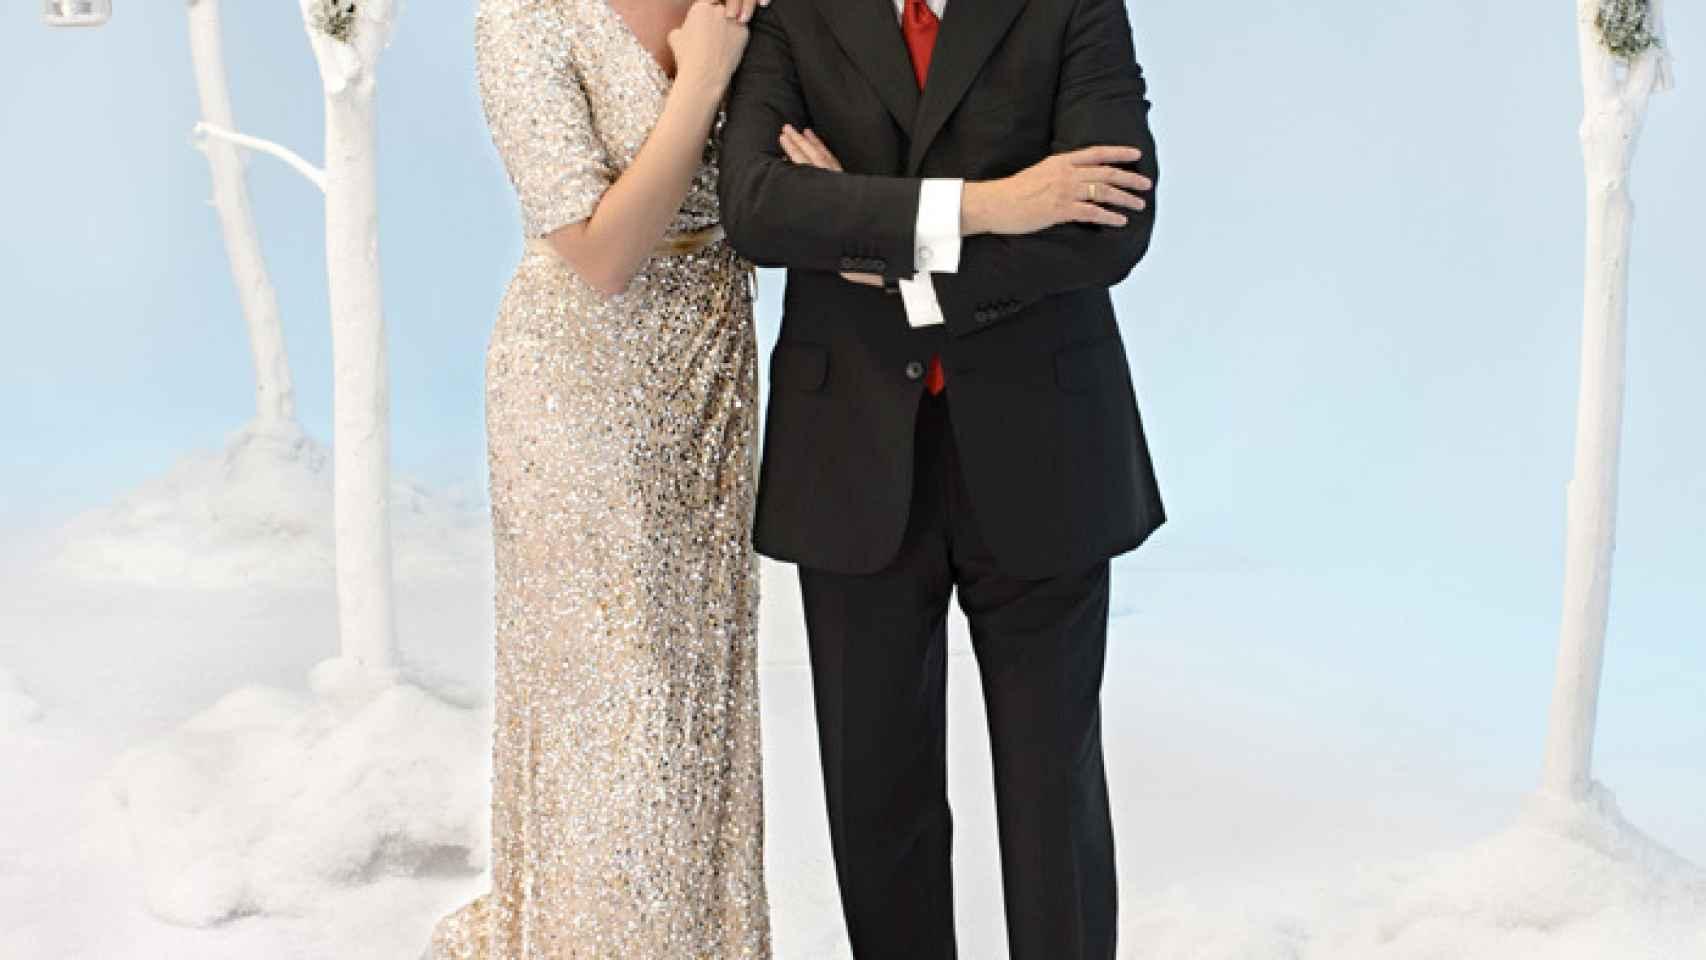 Anne Igartiburu y Ramón García son un clásico de la Nochevieja en la cadena pública